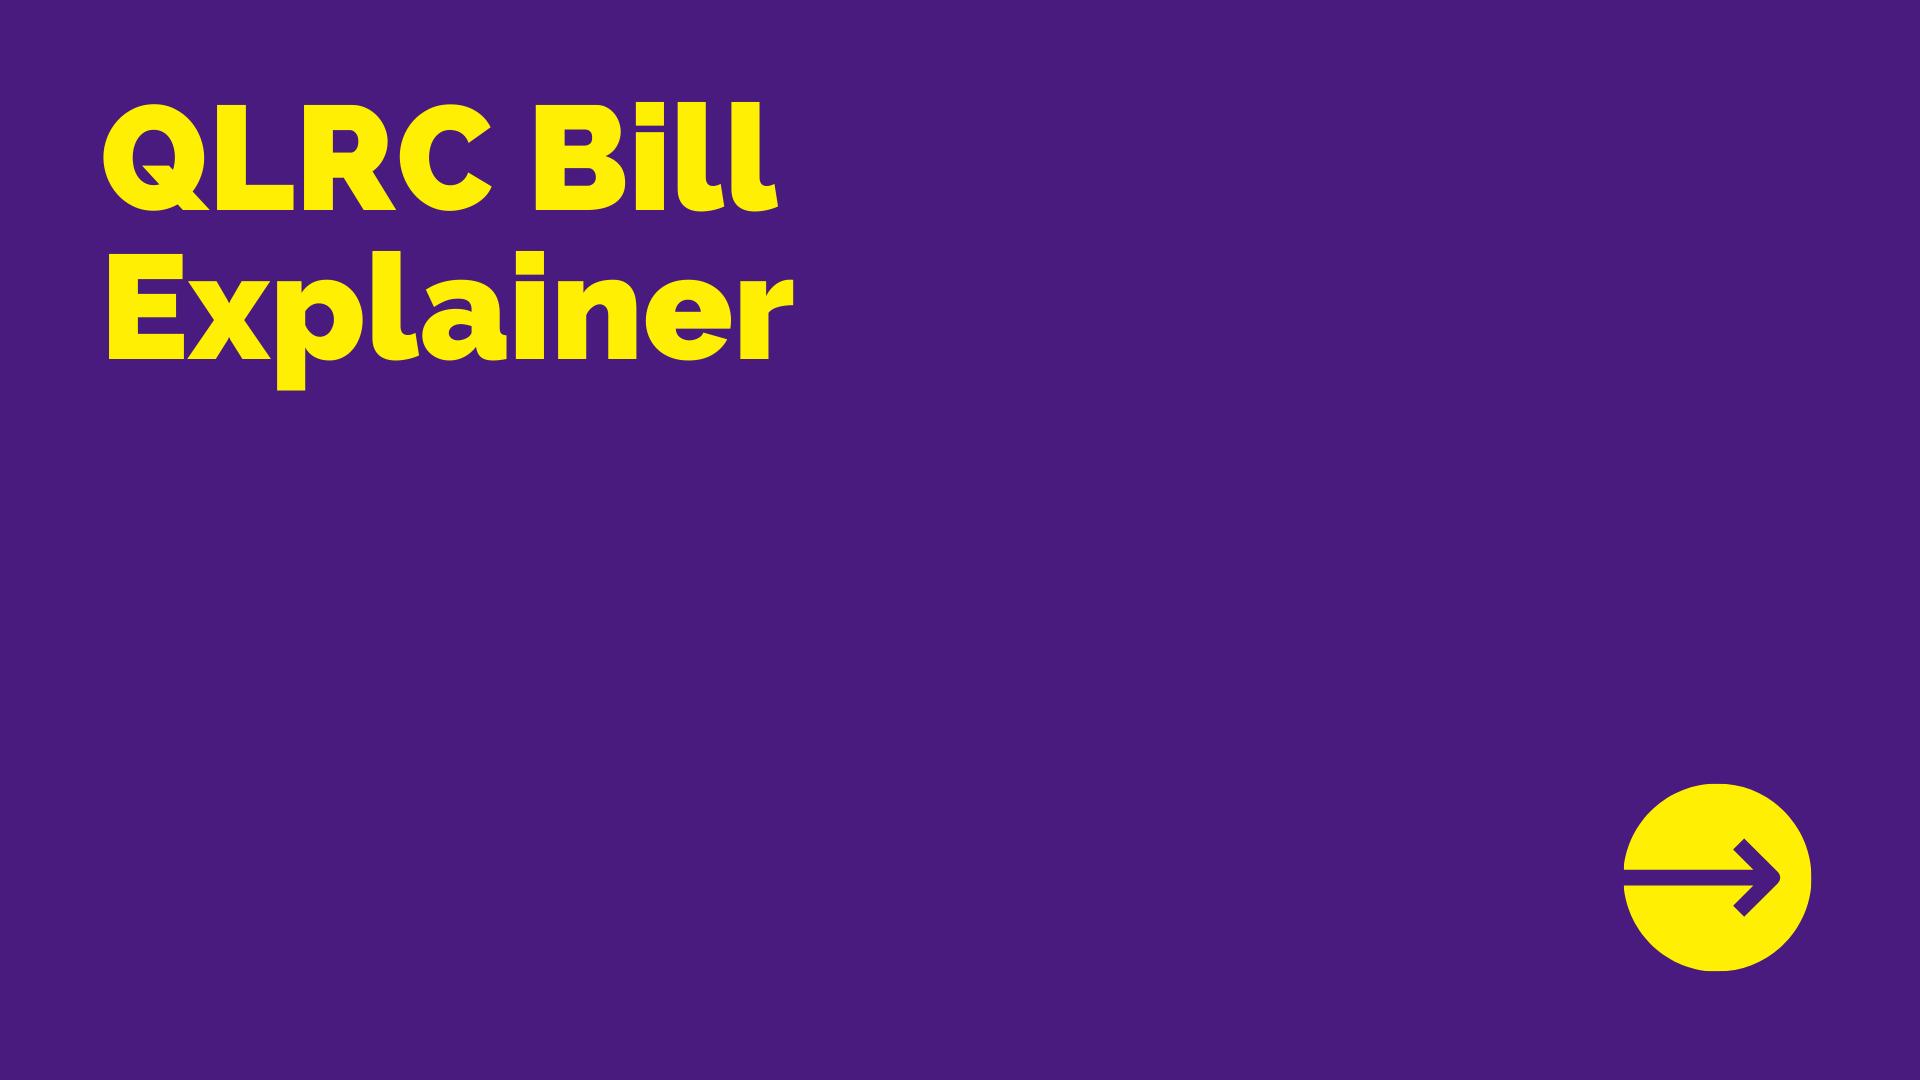 QLRC Bill Explainer